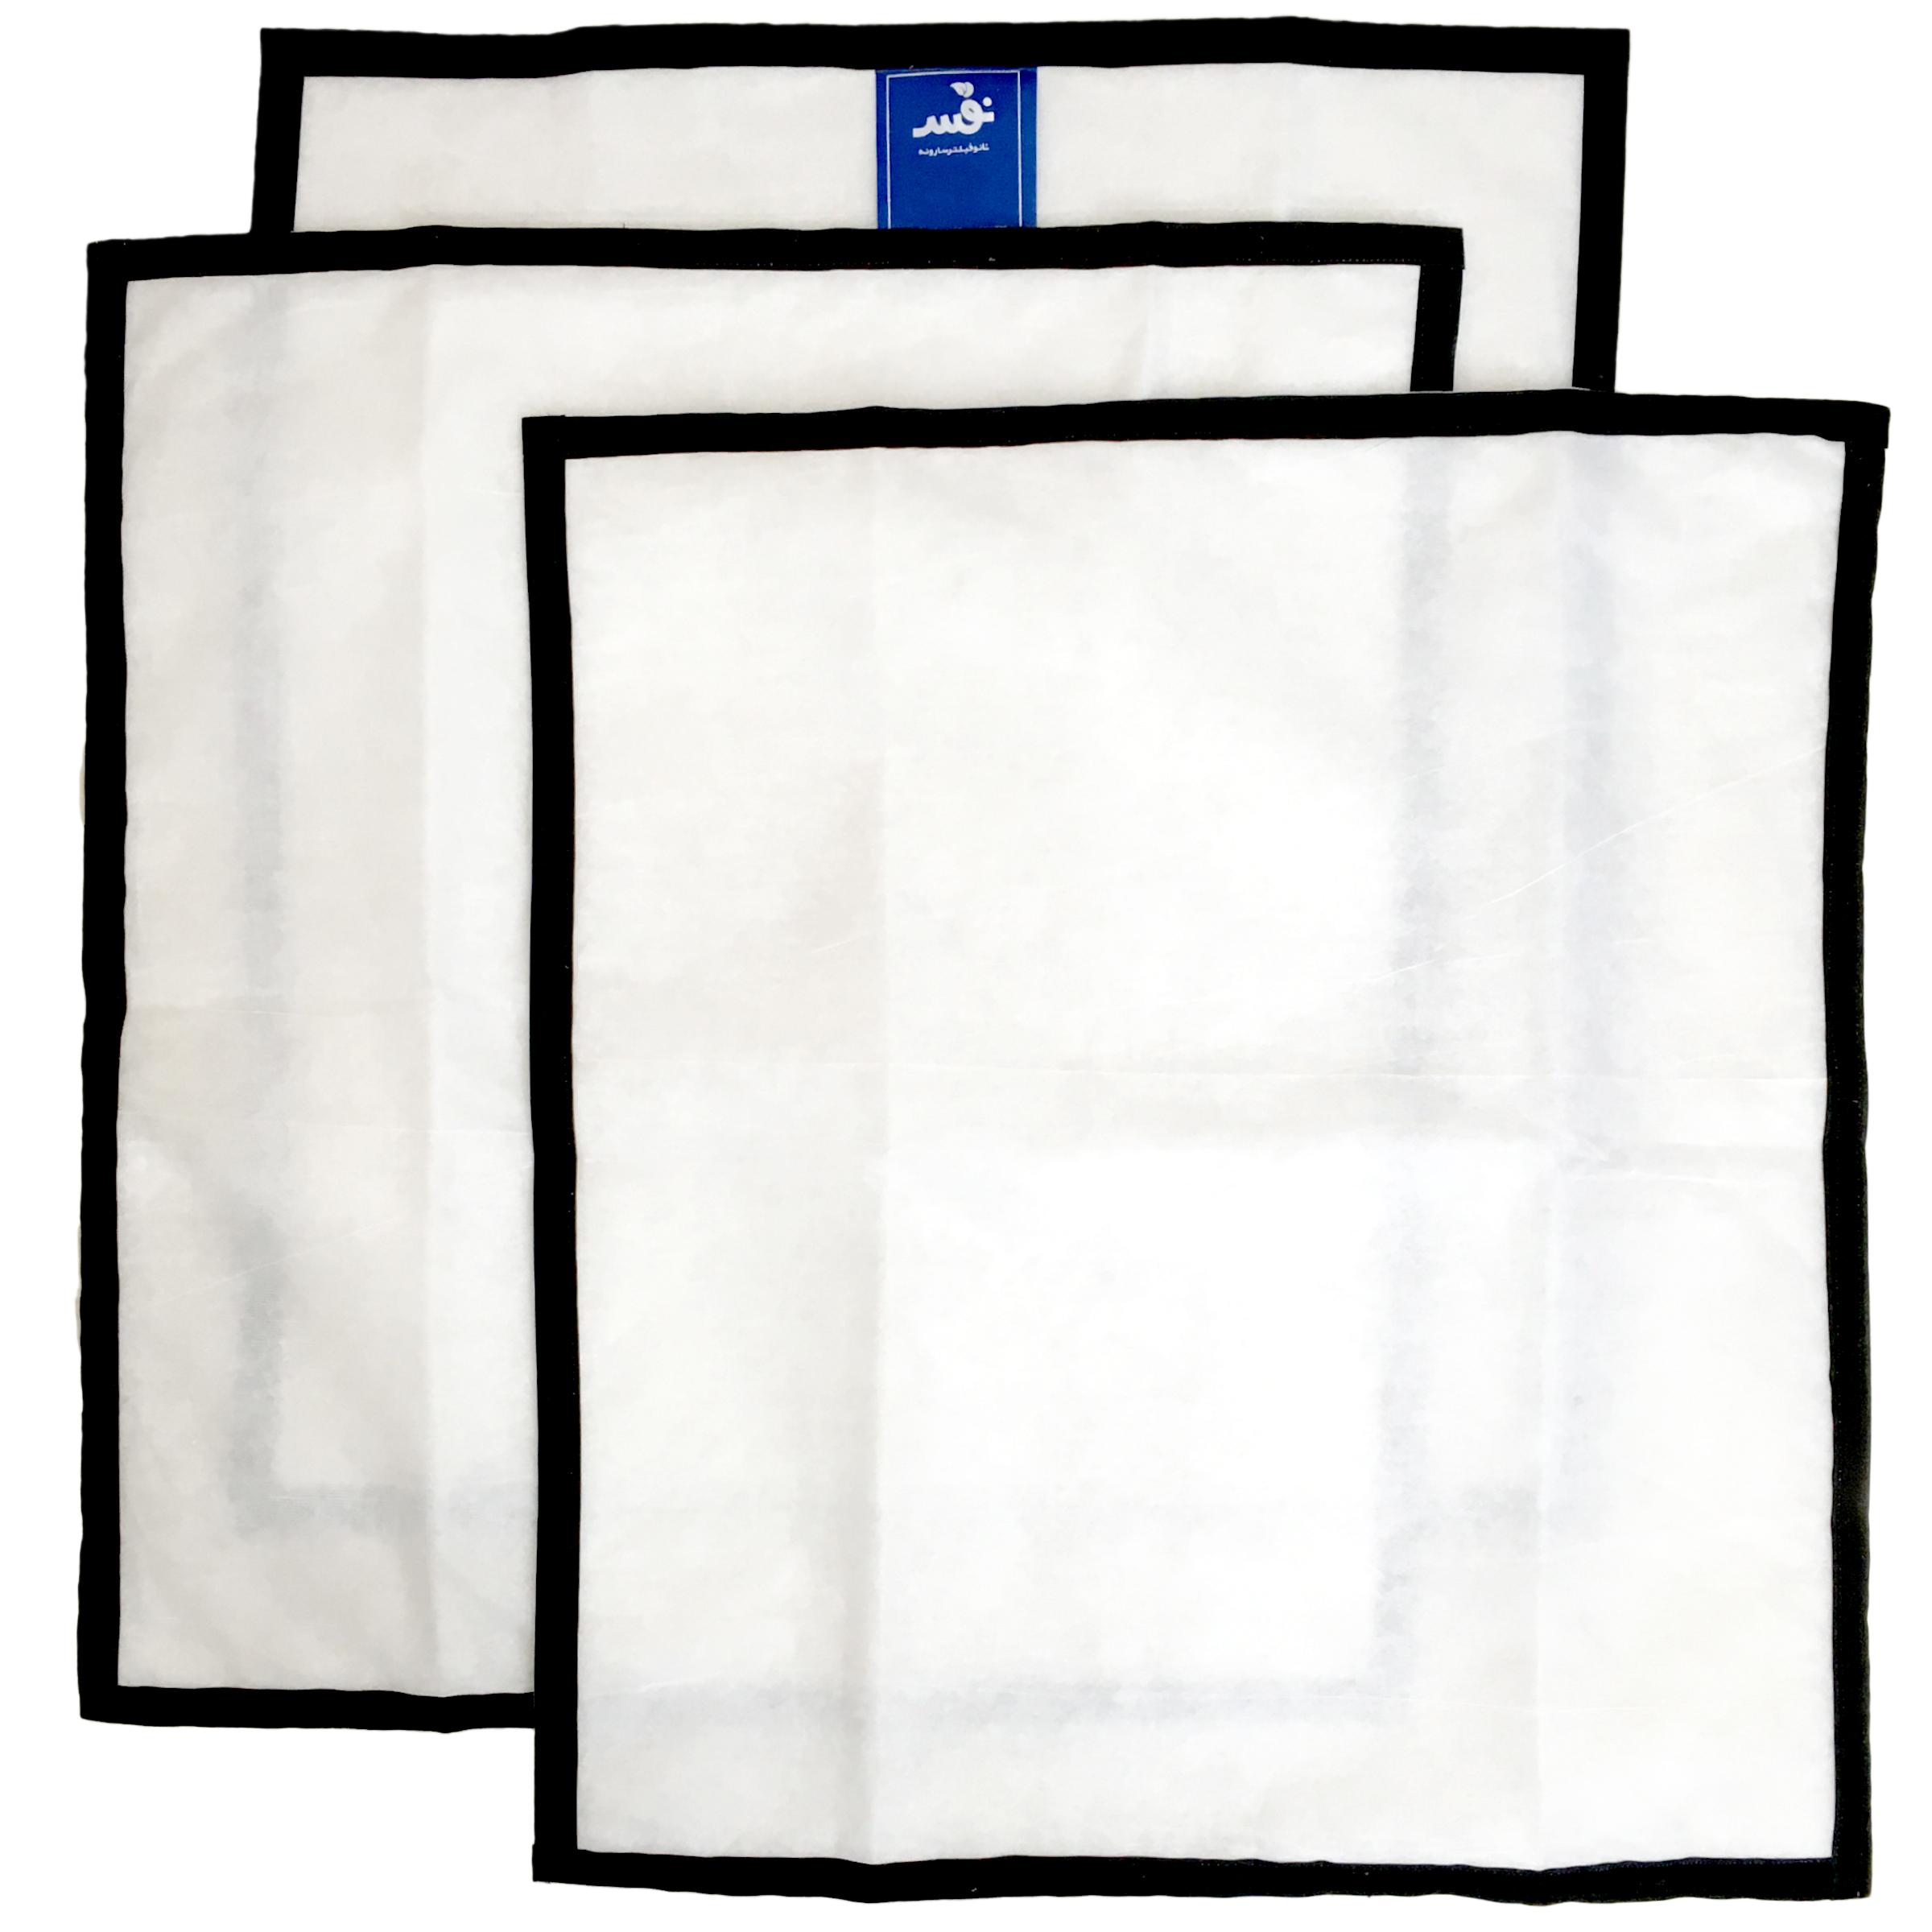 فیلتر یدک تصفیه کننده هوا کولر آبی مدل پلاس 7000 بسته 3 عددی